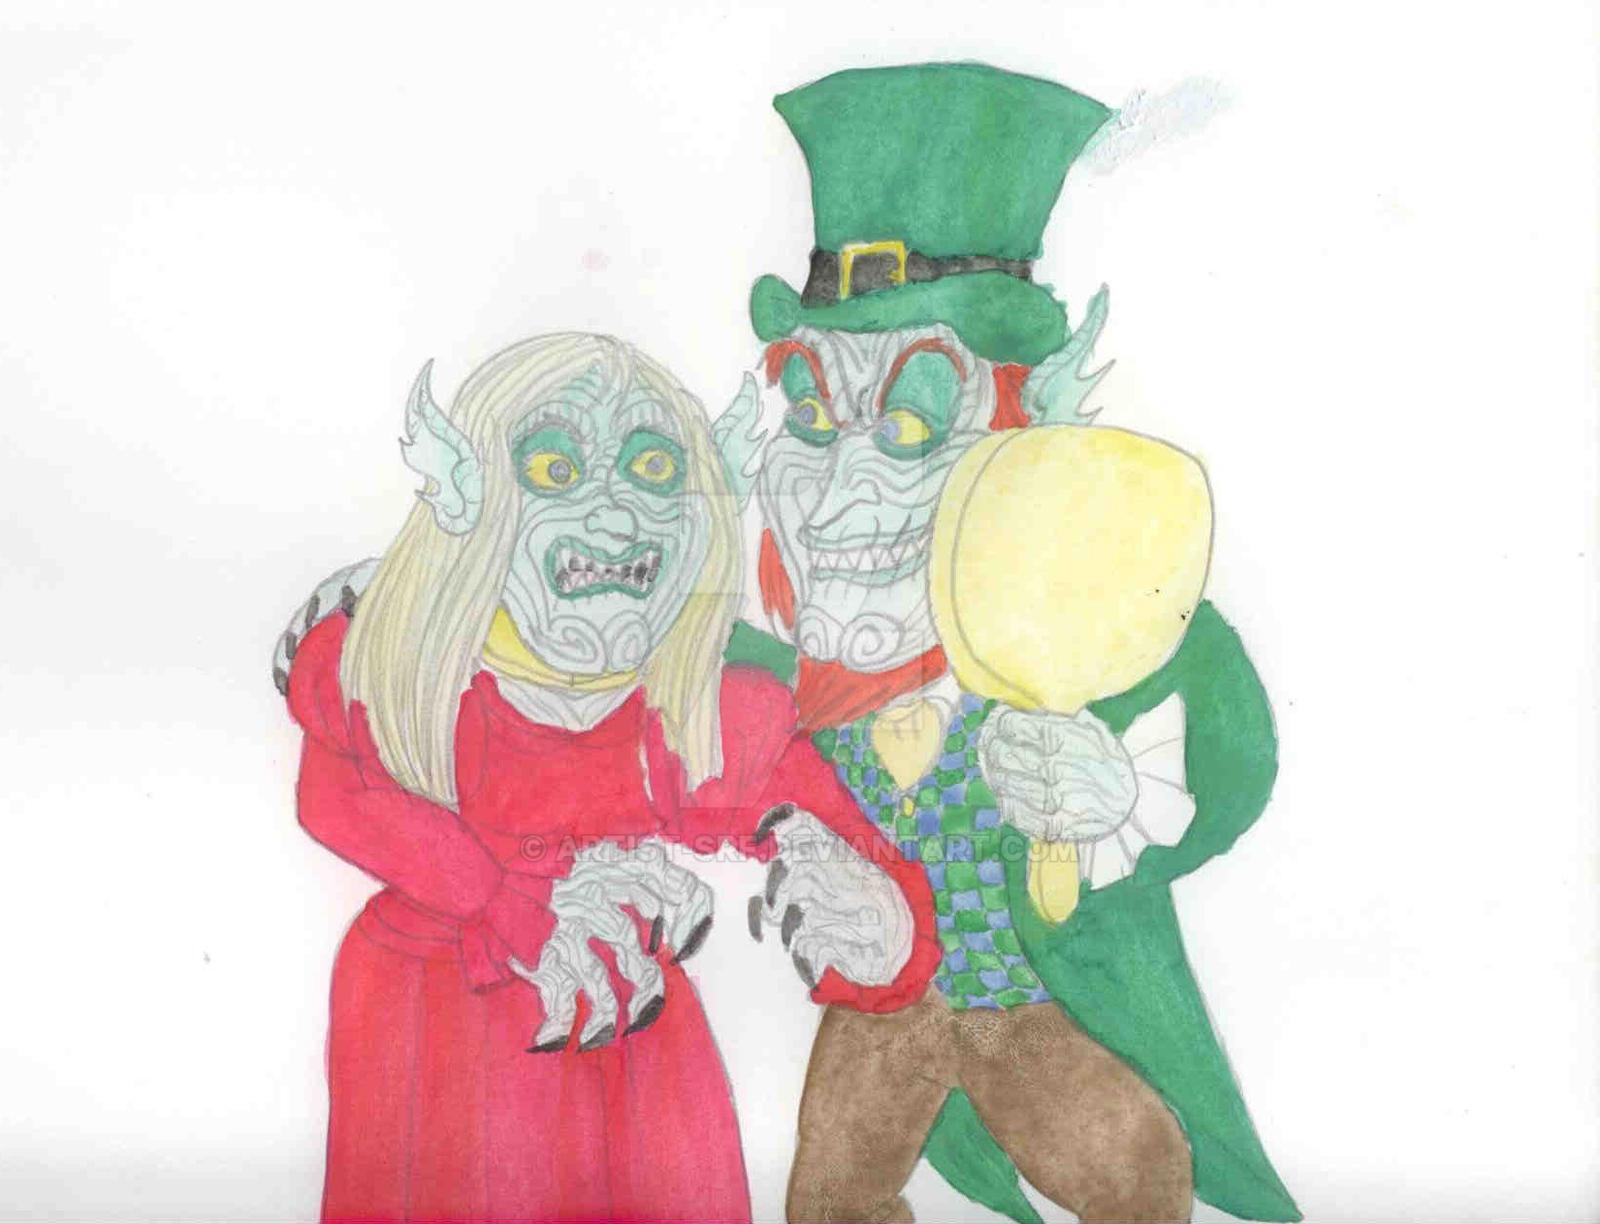 bride of leprechaun by artist srf on deviantart